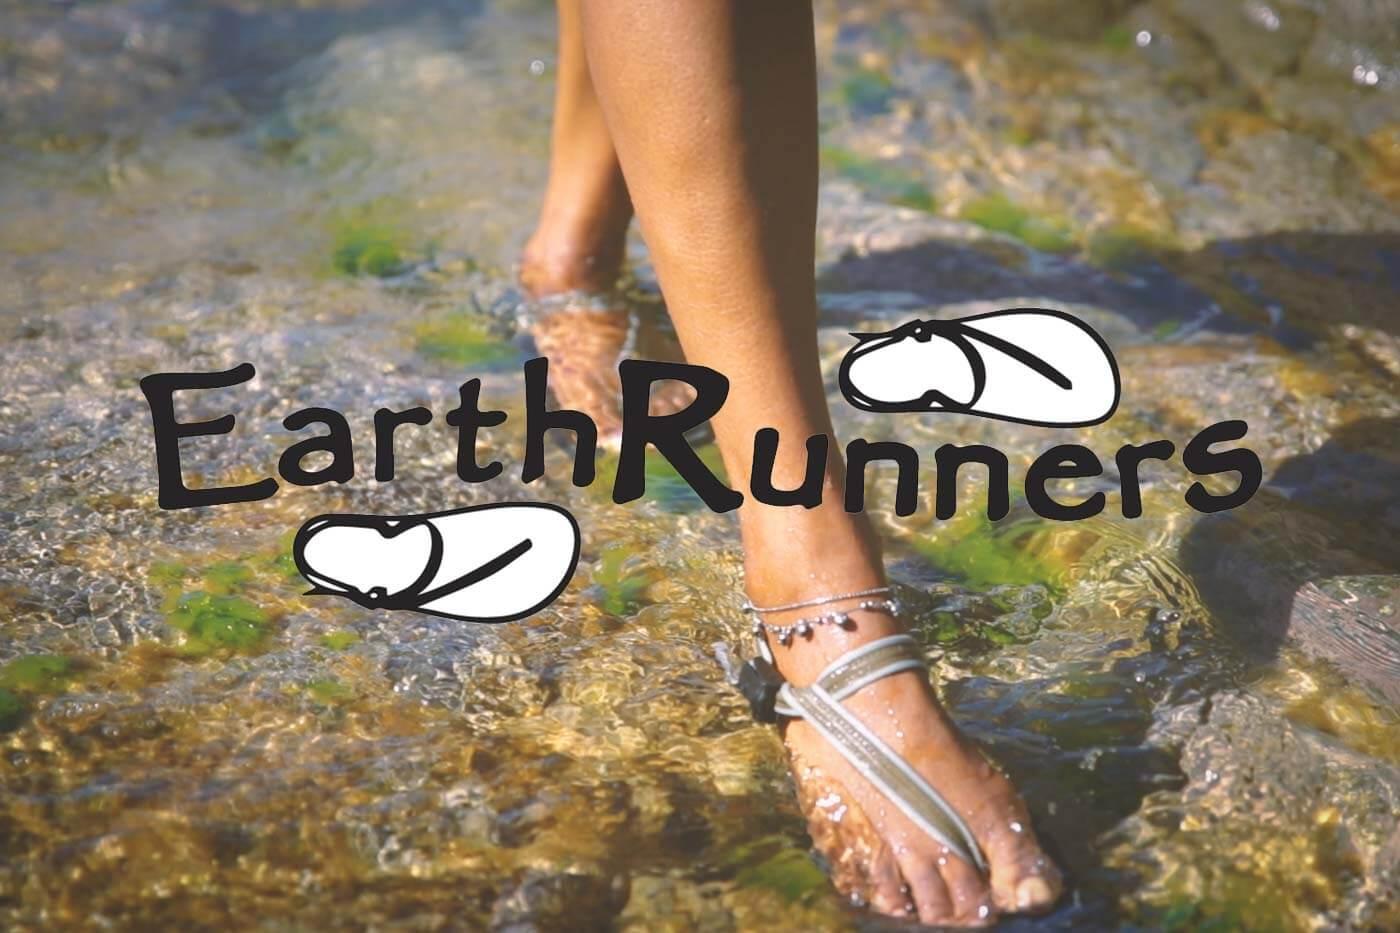 Earthrunners